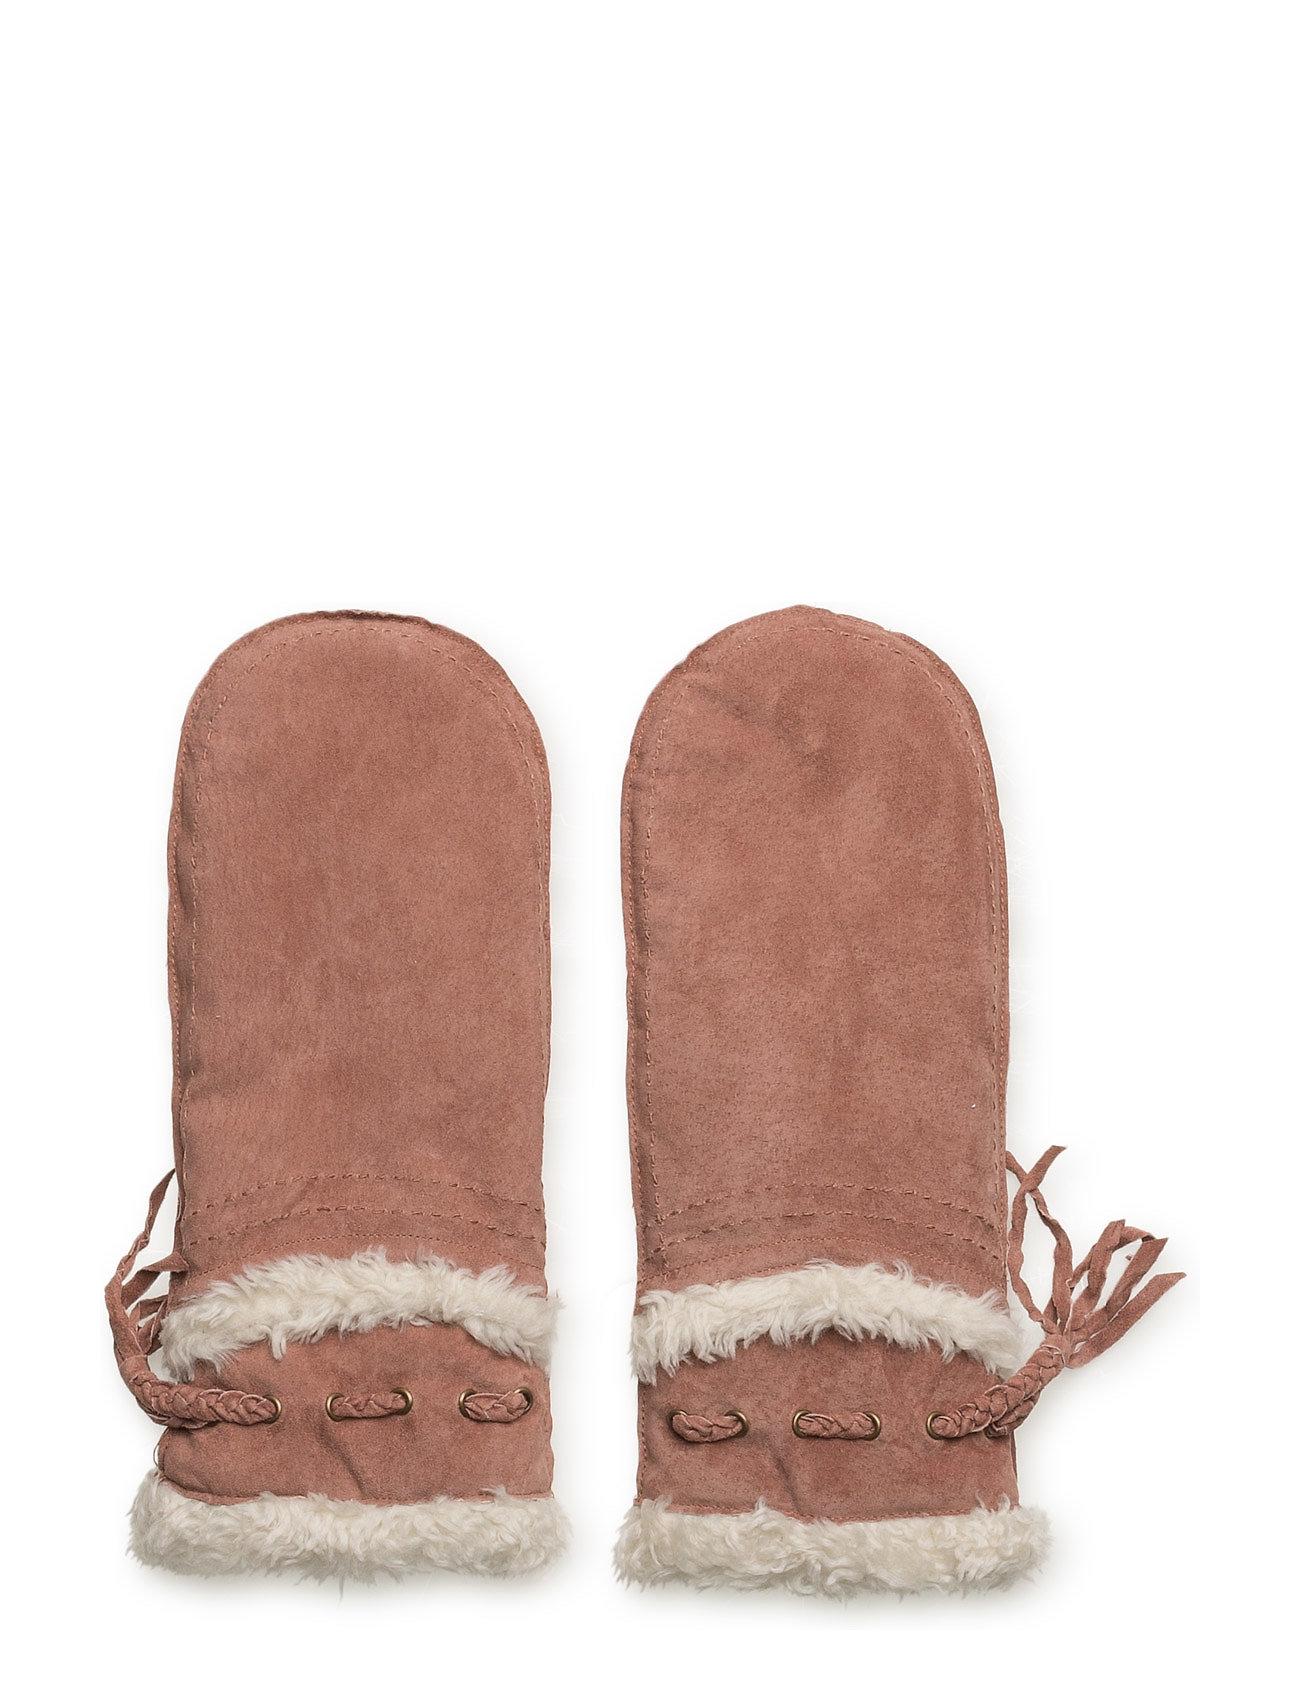 Audrey Gloves Cream Handsker til Damer i